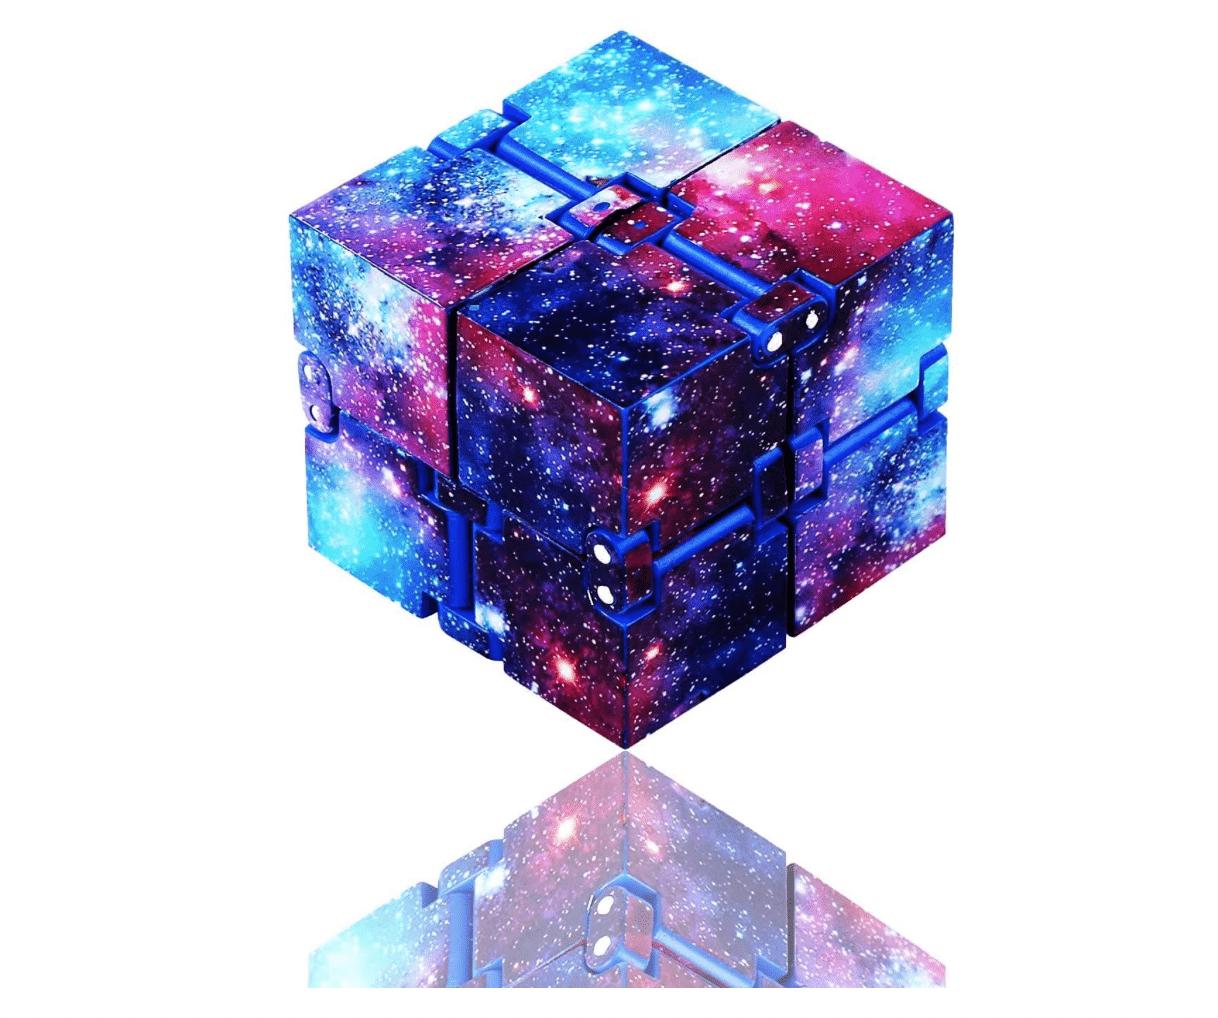 fidget-toy-gifts-infinity-cube-fidget-toy